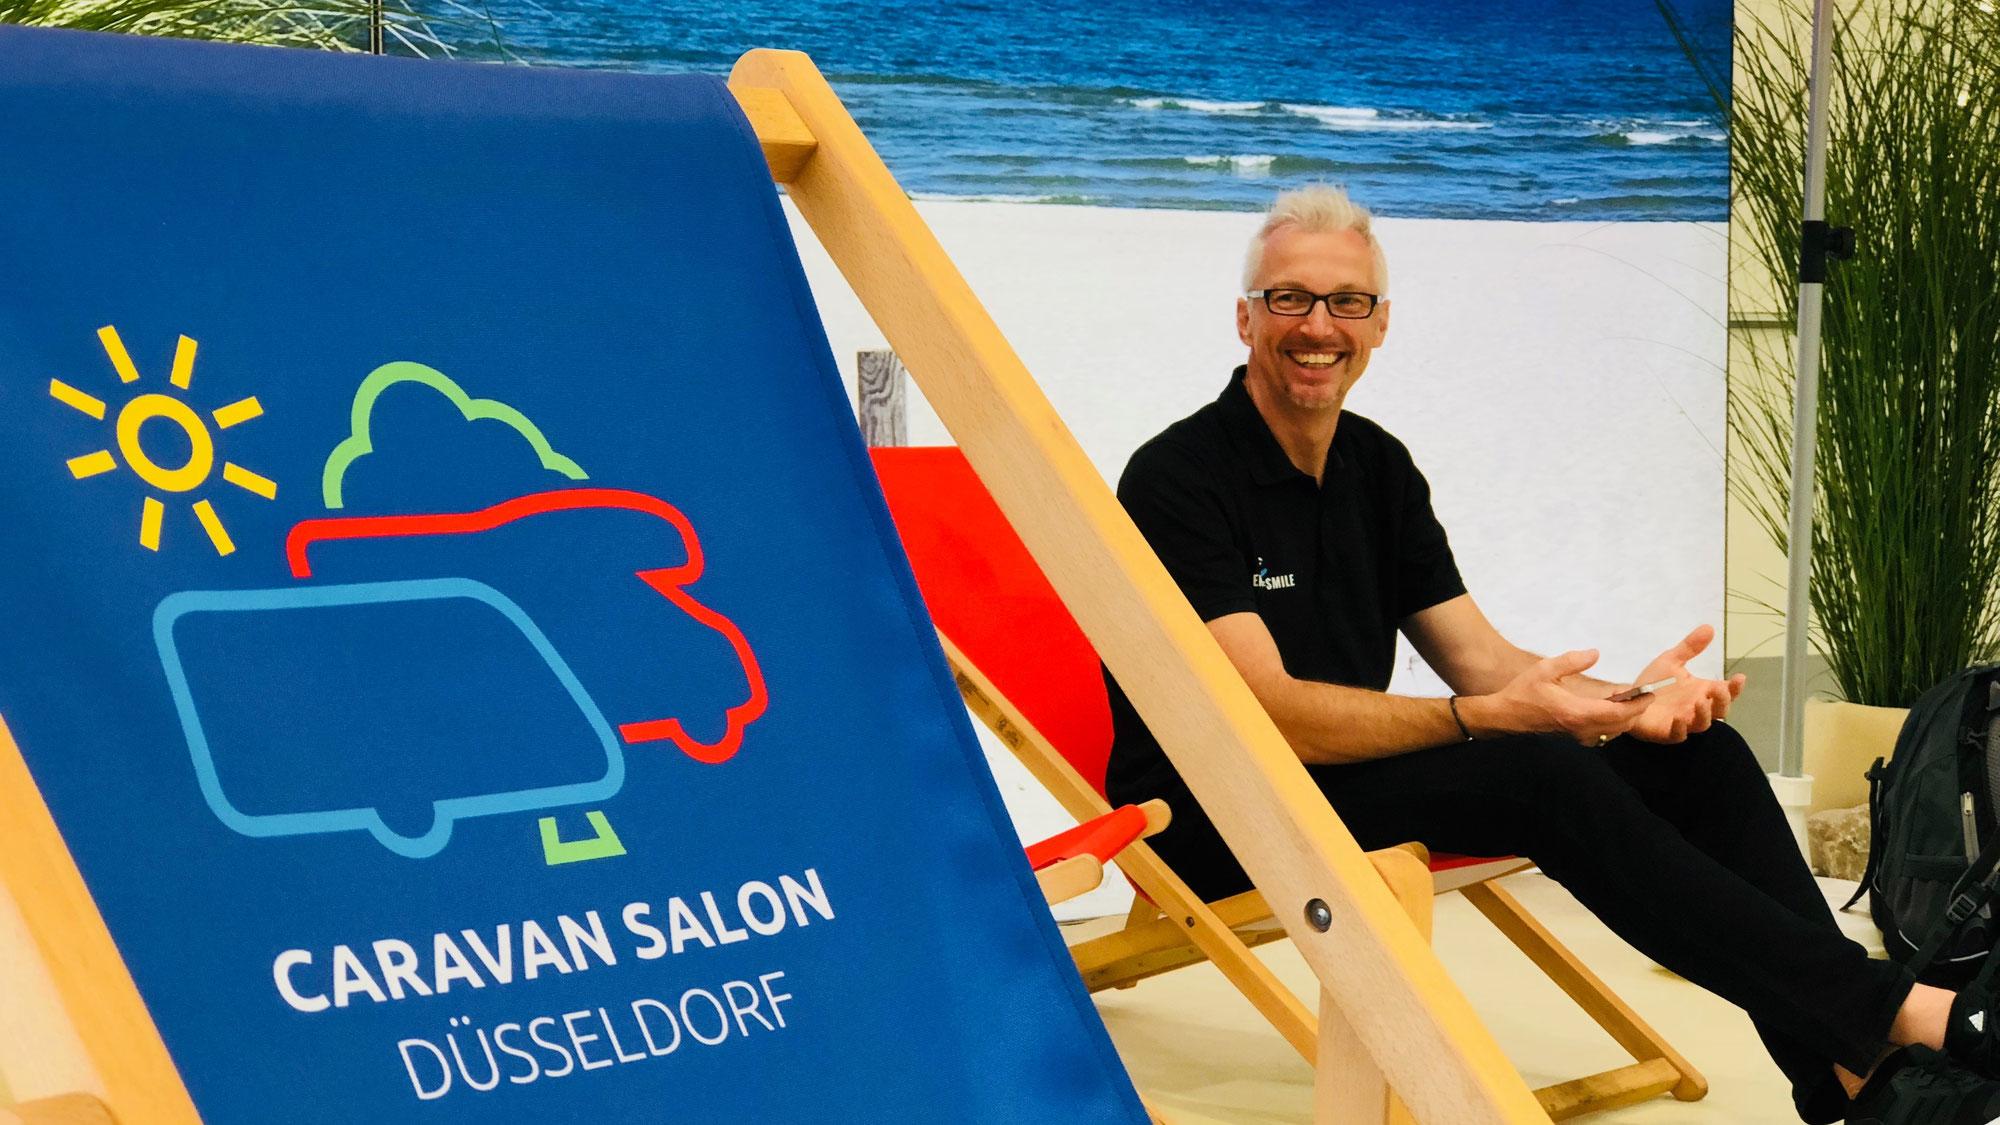 Caravan Salon 2018 (Teil 2)...